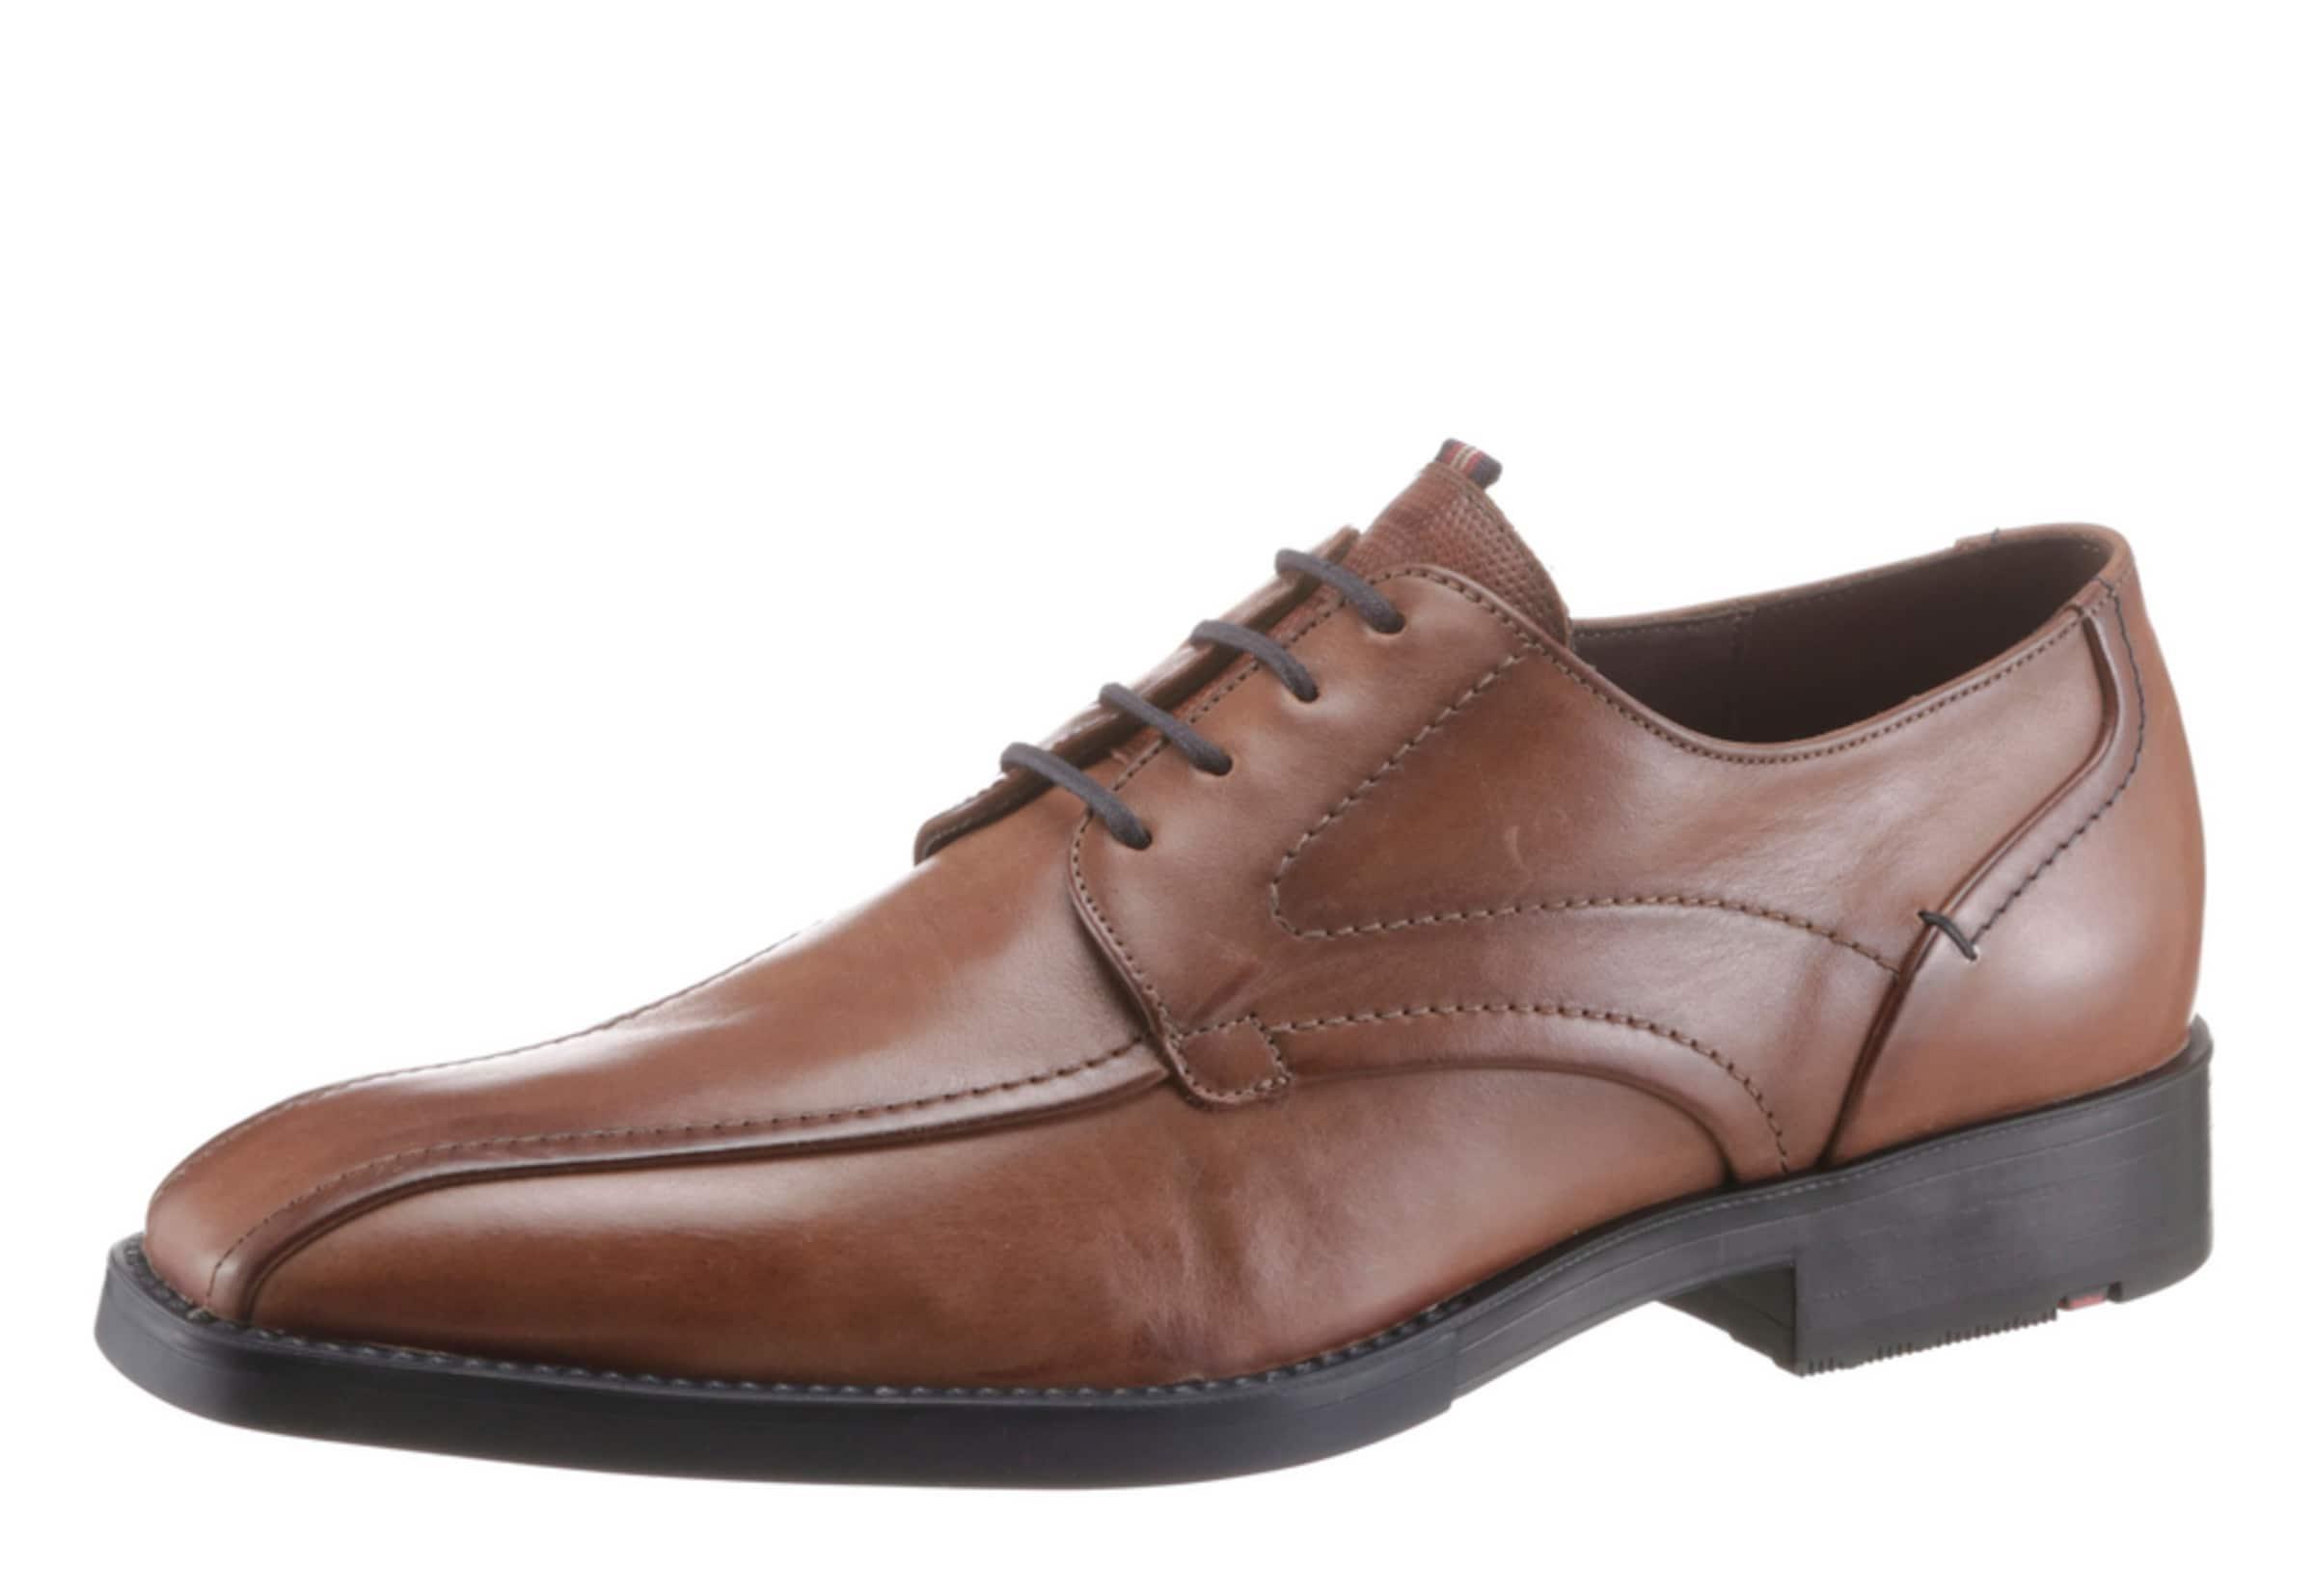 Haltbare Mode billige Schuhe LLOYD | 'Darcy' Business Schuhe Schuhe Gut getragene Schuhe